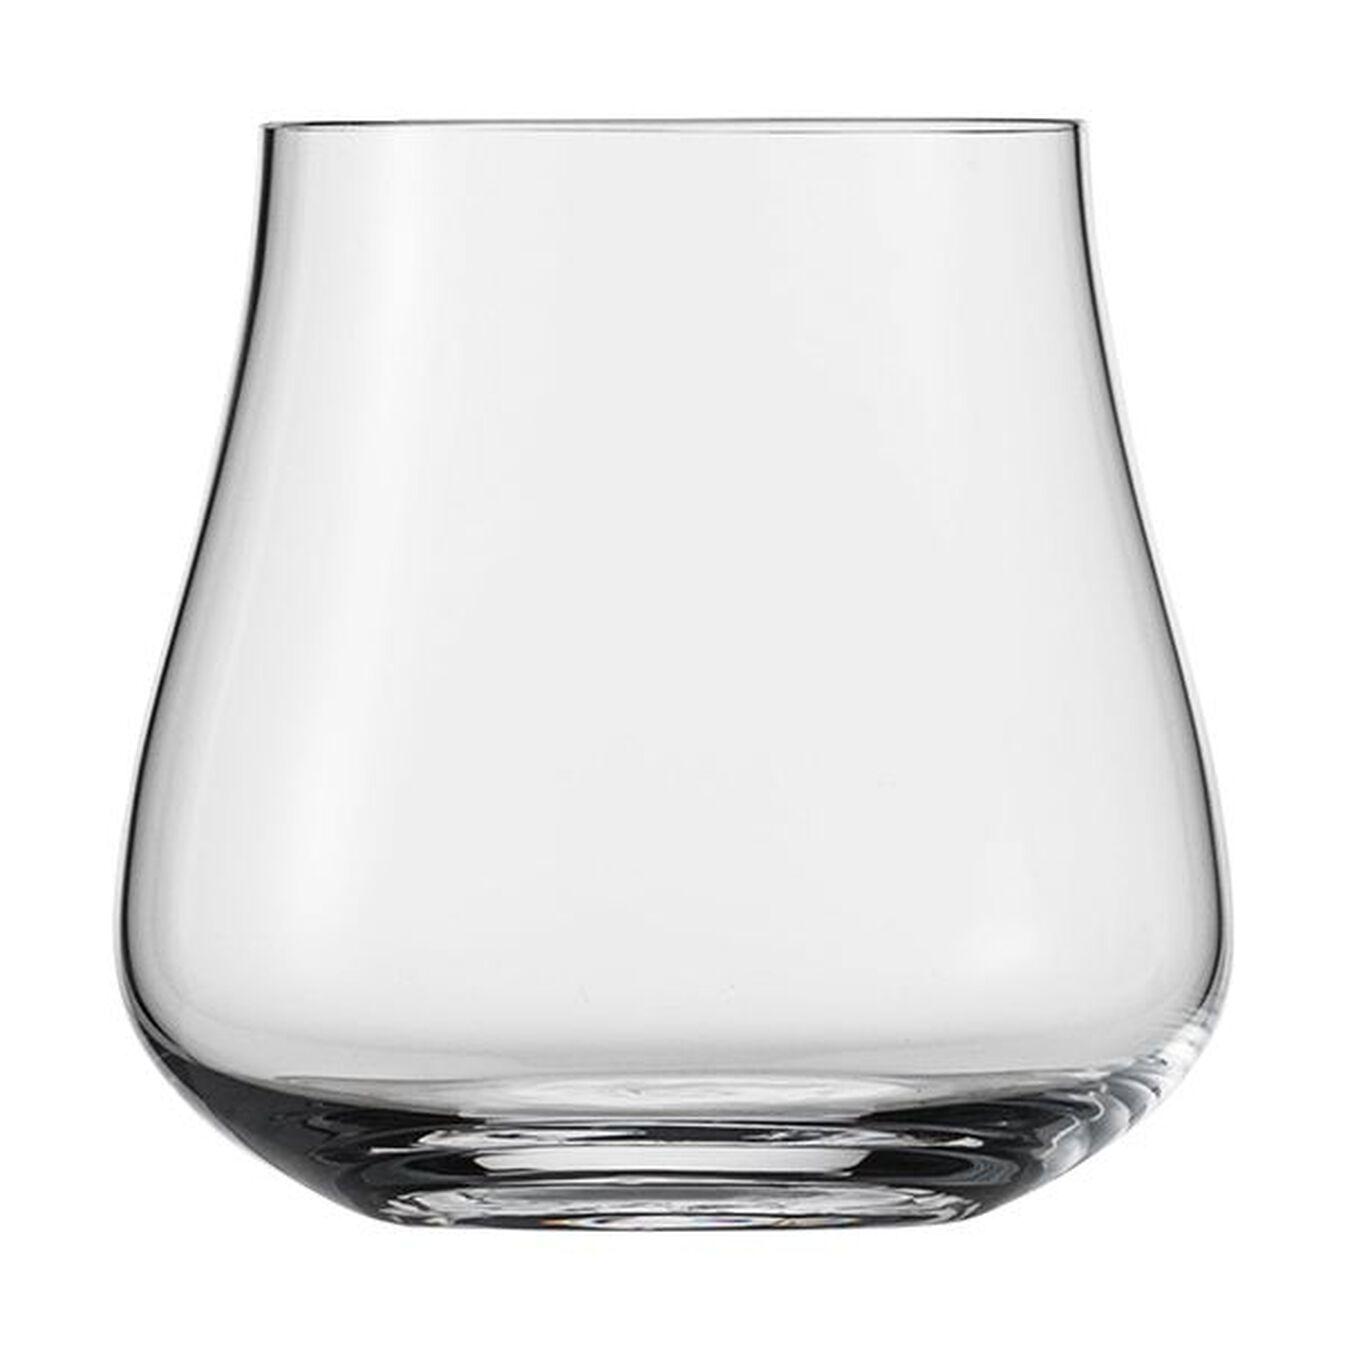 Kokteyl Bardağı, 390 ml,,large 1